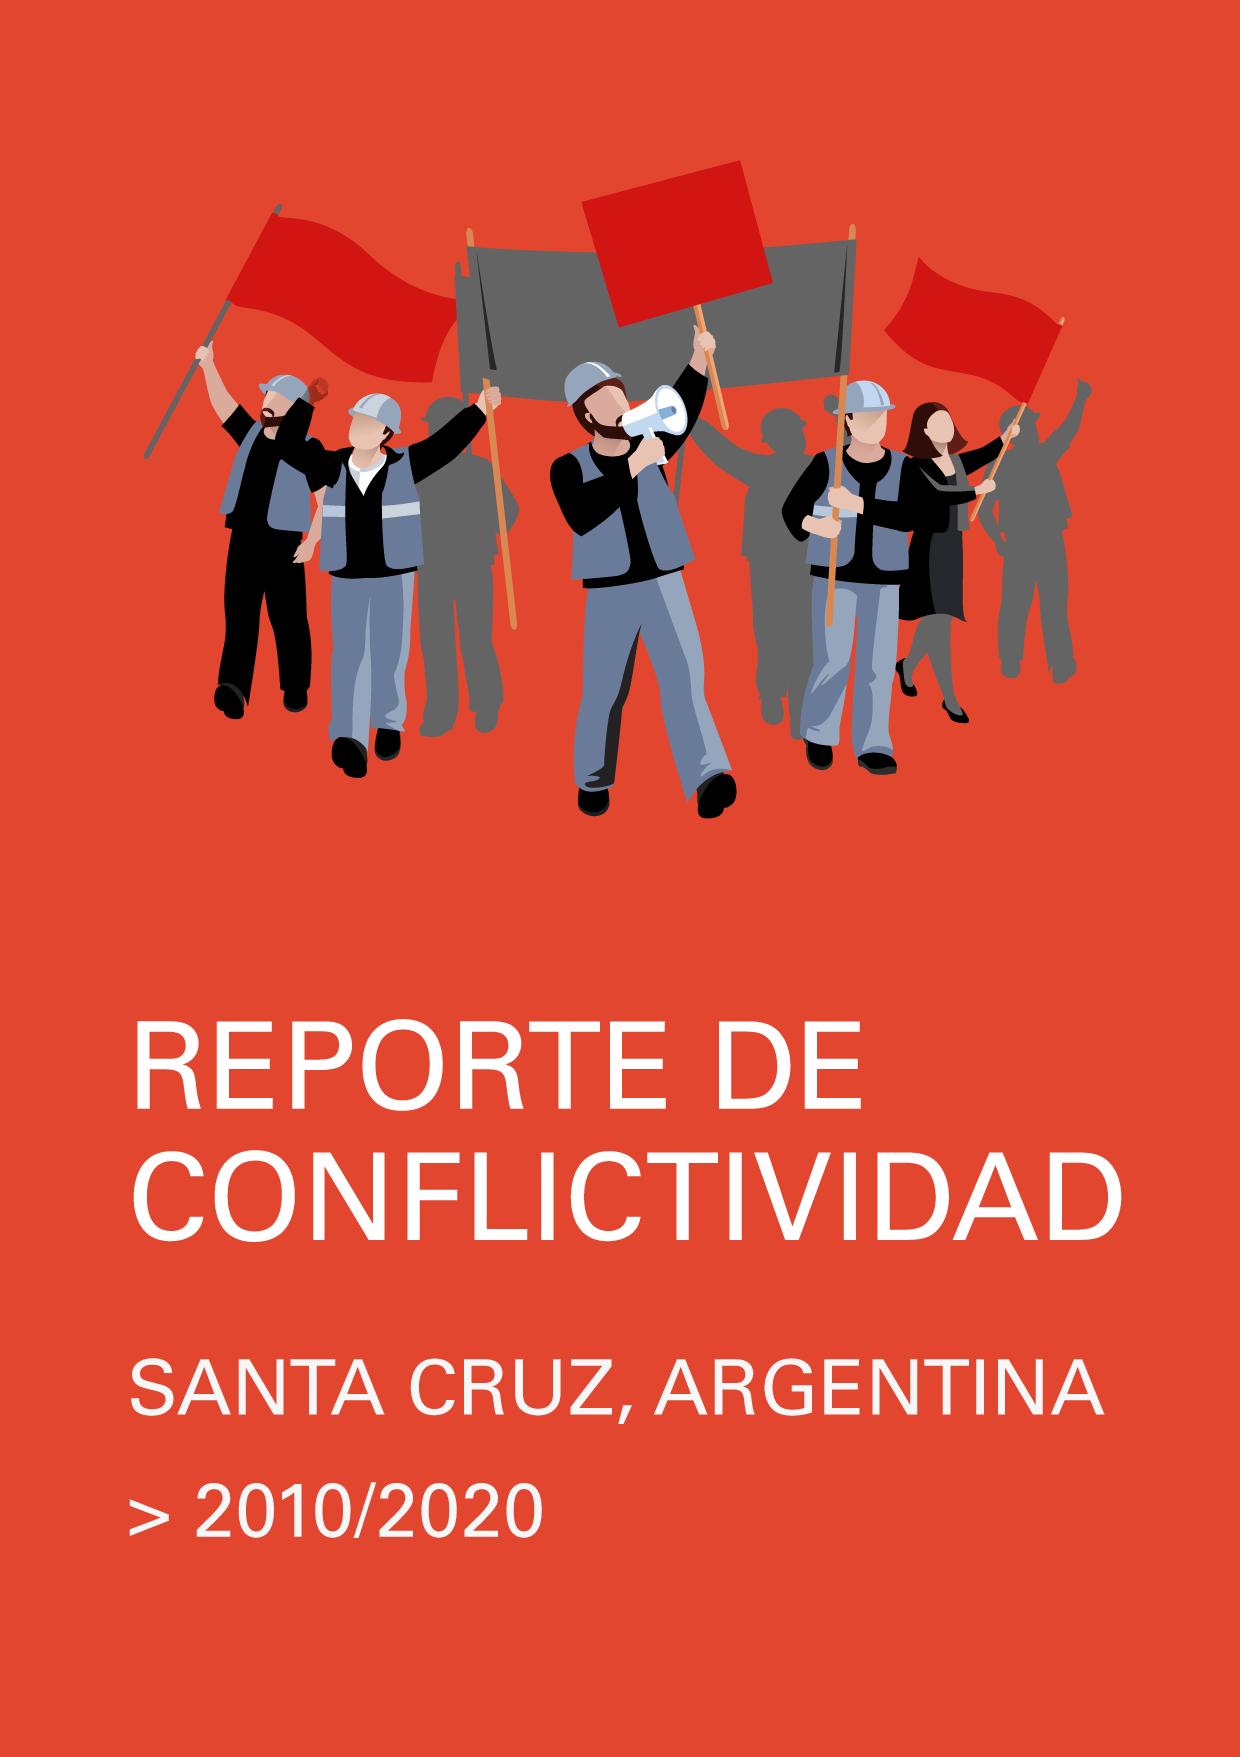 Reporte de Conflictividad - Santa Cruz - 2010 a 2020